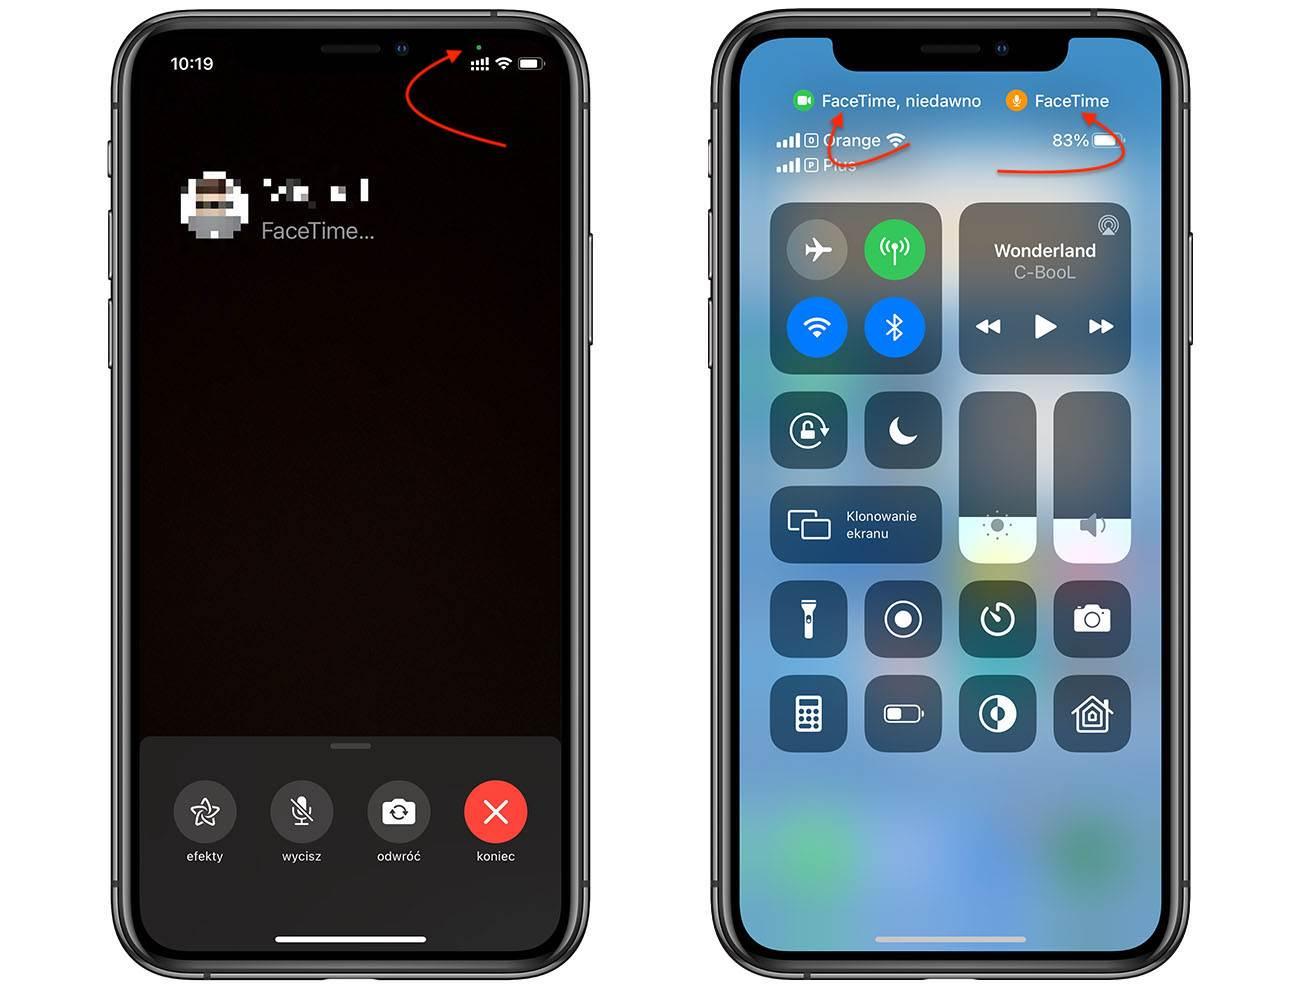 Co oznacza zielona i pomarańczowa kropka na pasku stanu w iPhone i iPad z iOS 14 i iPadOS 14 polecane, ciekawostki zielona kropka w iOS 14, zielona kropka, pomaranczowa kropka, iPhone, iPadOS14  Czy zauważyłeś w iPhone, iPad zieloną lub pomarańczową kropkę w prawym górnym rogu ekranu po aktualizacji do iOS 14 iPadOS 14? Oto co to jest? Już wyjaśniamy! iOS14 kropka 2